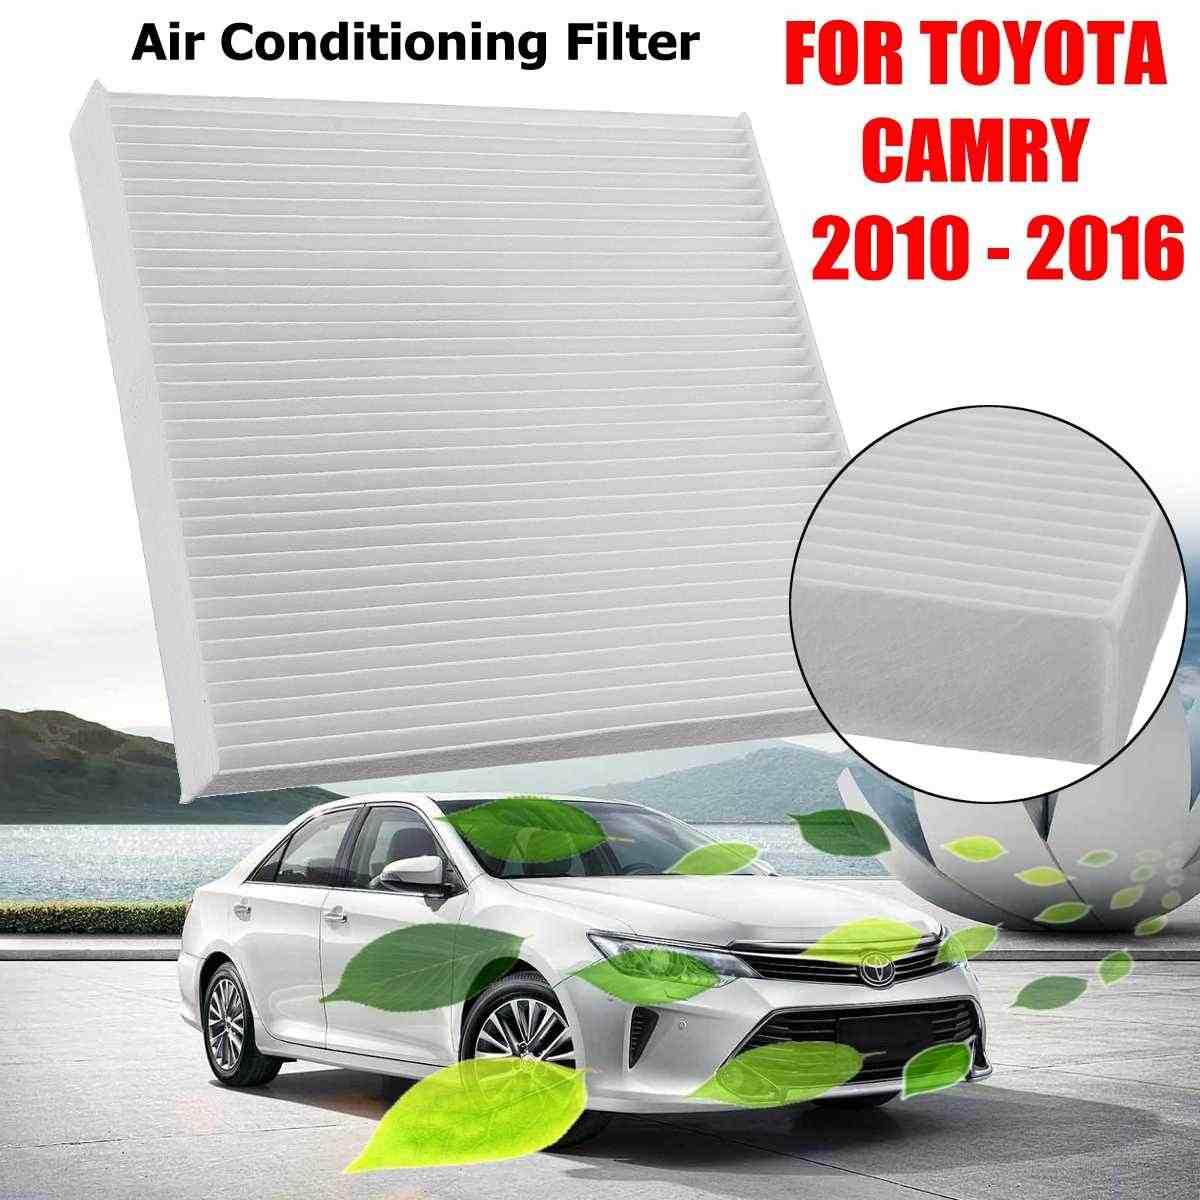 Aire acondicionado para TOYOTA CAMRY 2.5L motor 2010-Aire Limpio de 2016 reducir el ruido de ahorro de combustible de carbono activado cabaña